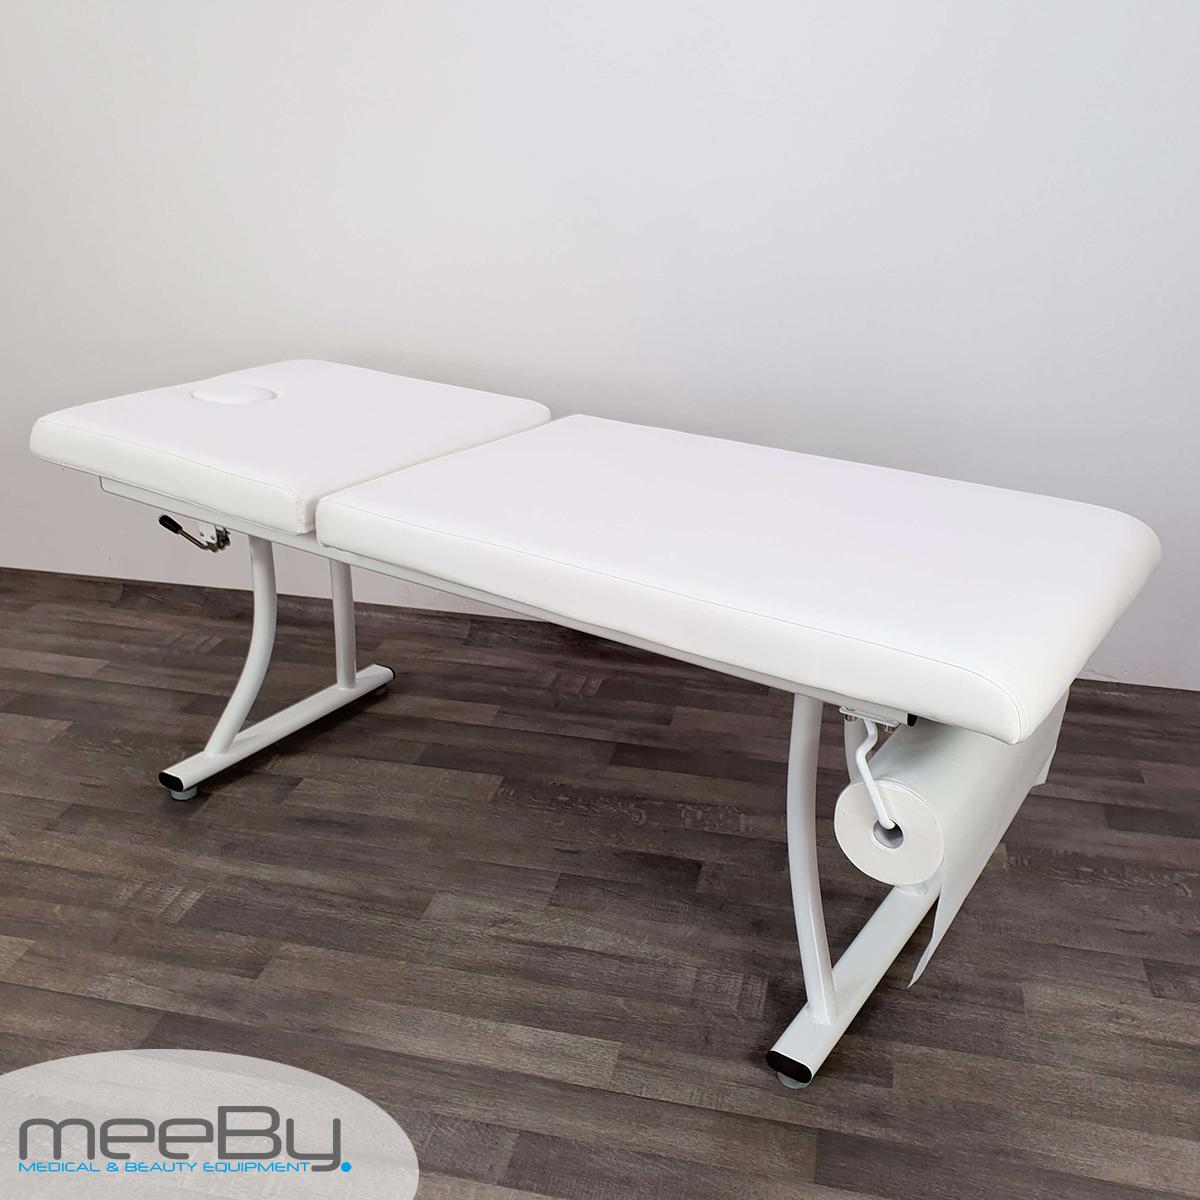 Lettino Da Massaggio Medico.Lettino Da Massaggio Bianco Per Estetista Visita Medica Studio Estetica Meeby Attrezzature Per Centri Estetici